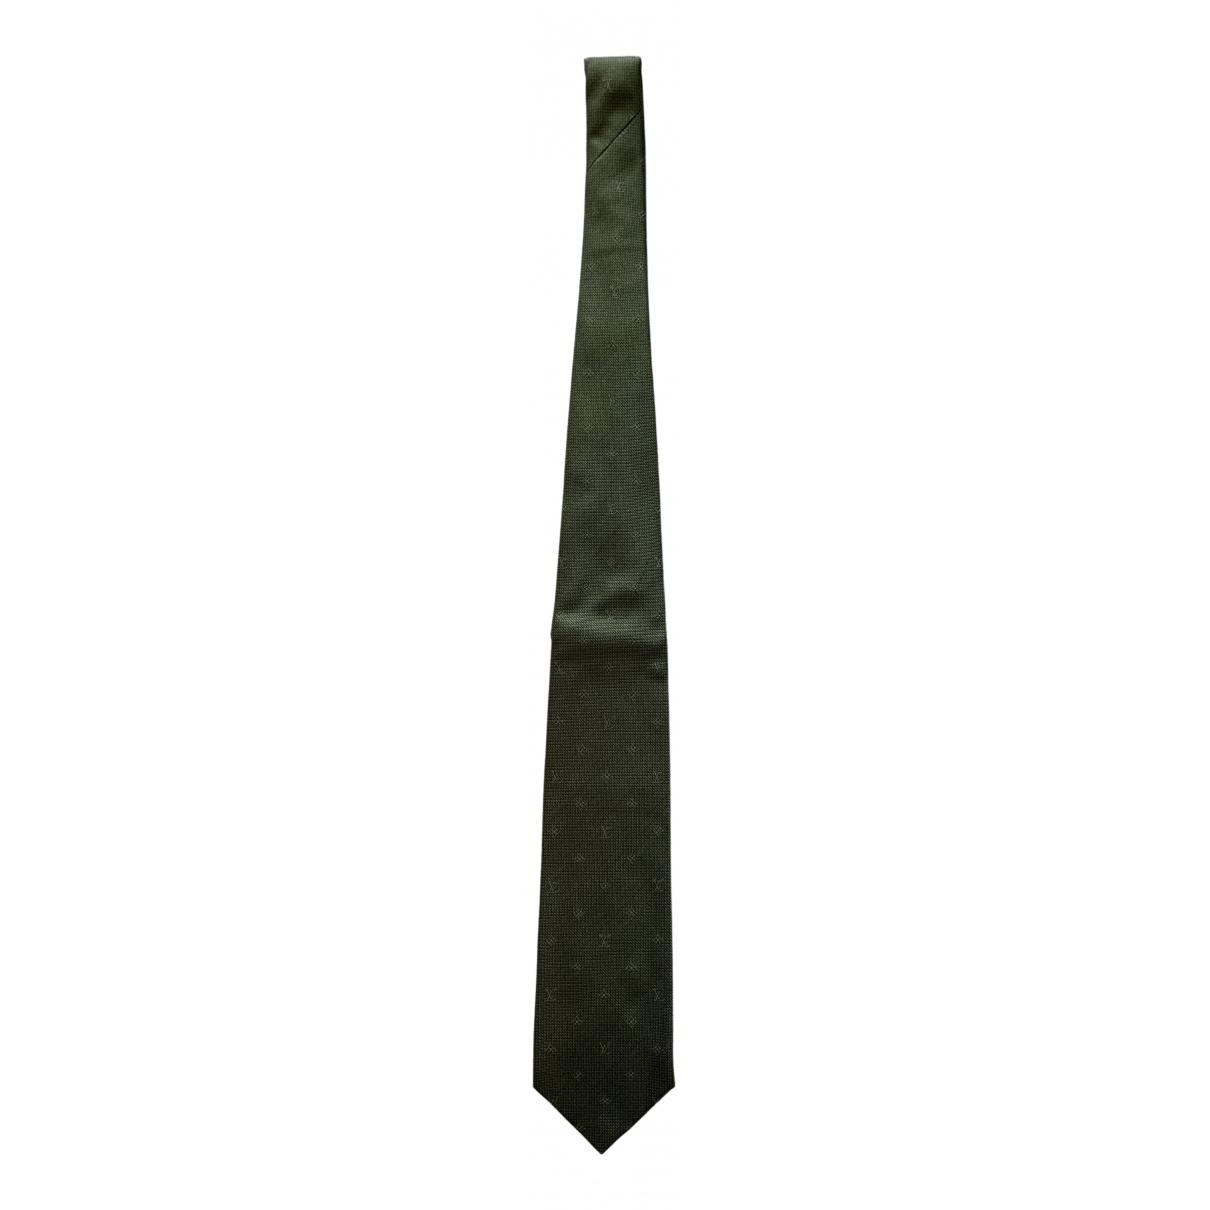 Louis Vuitton - Cravates   pour homme en soie - vert